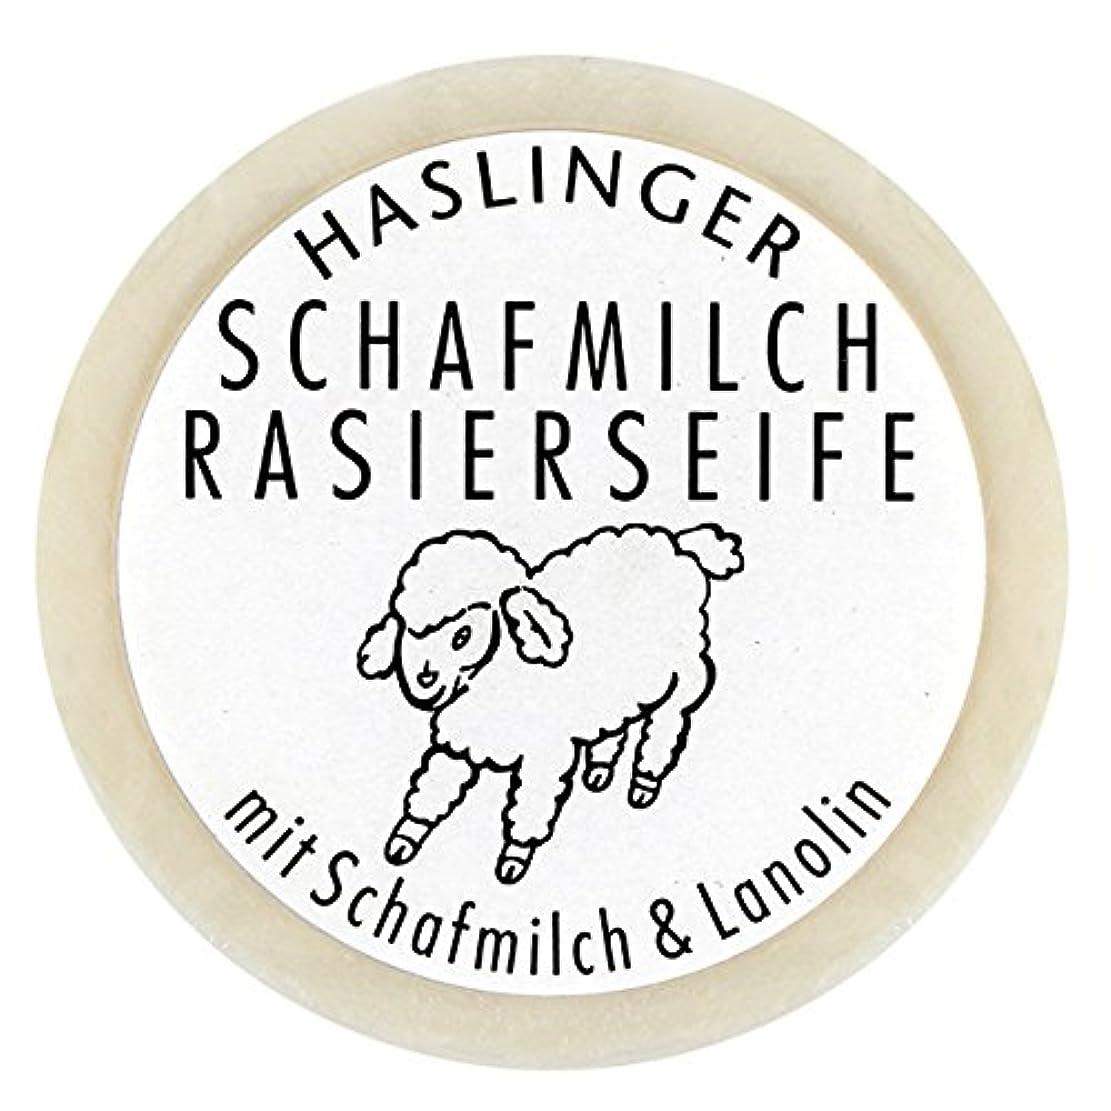 中絶修理可能リーズSchafmilch Rasierseife (Ewe`s Milk Shave Soap) 60g soap bar by Haslinger by Haslinger